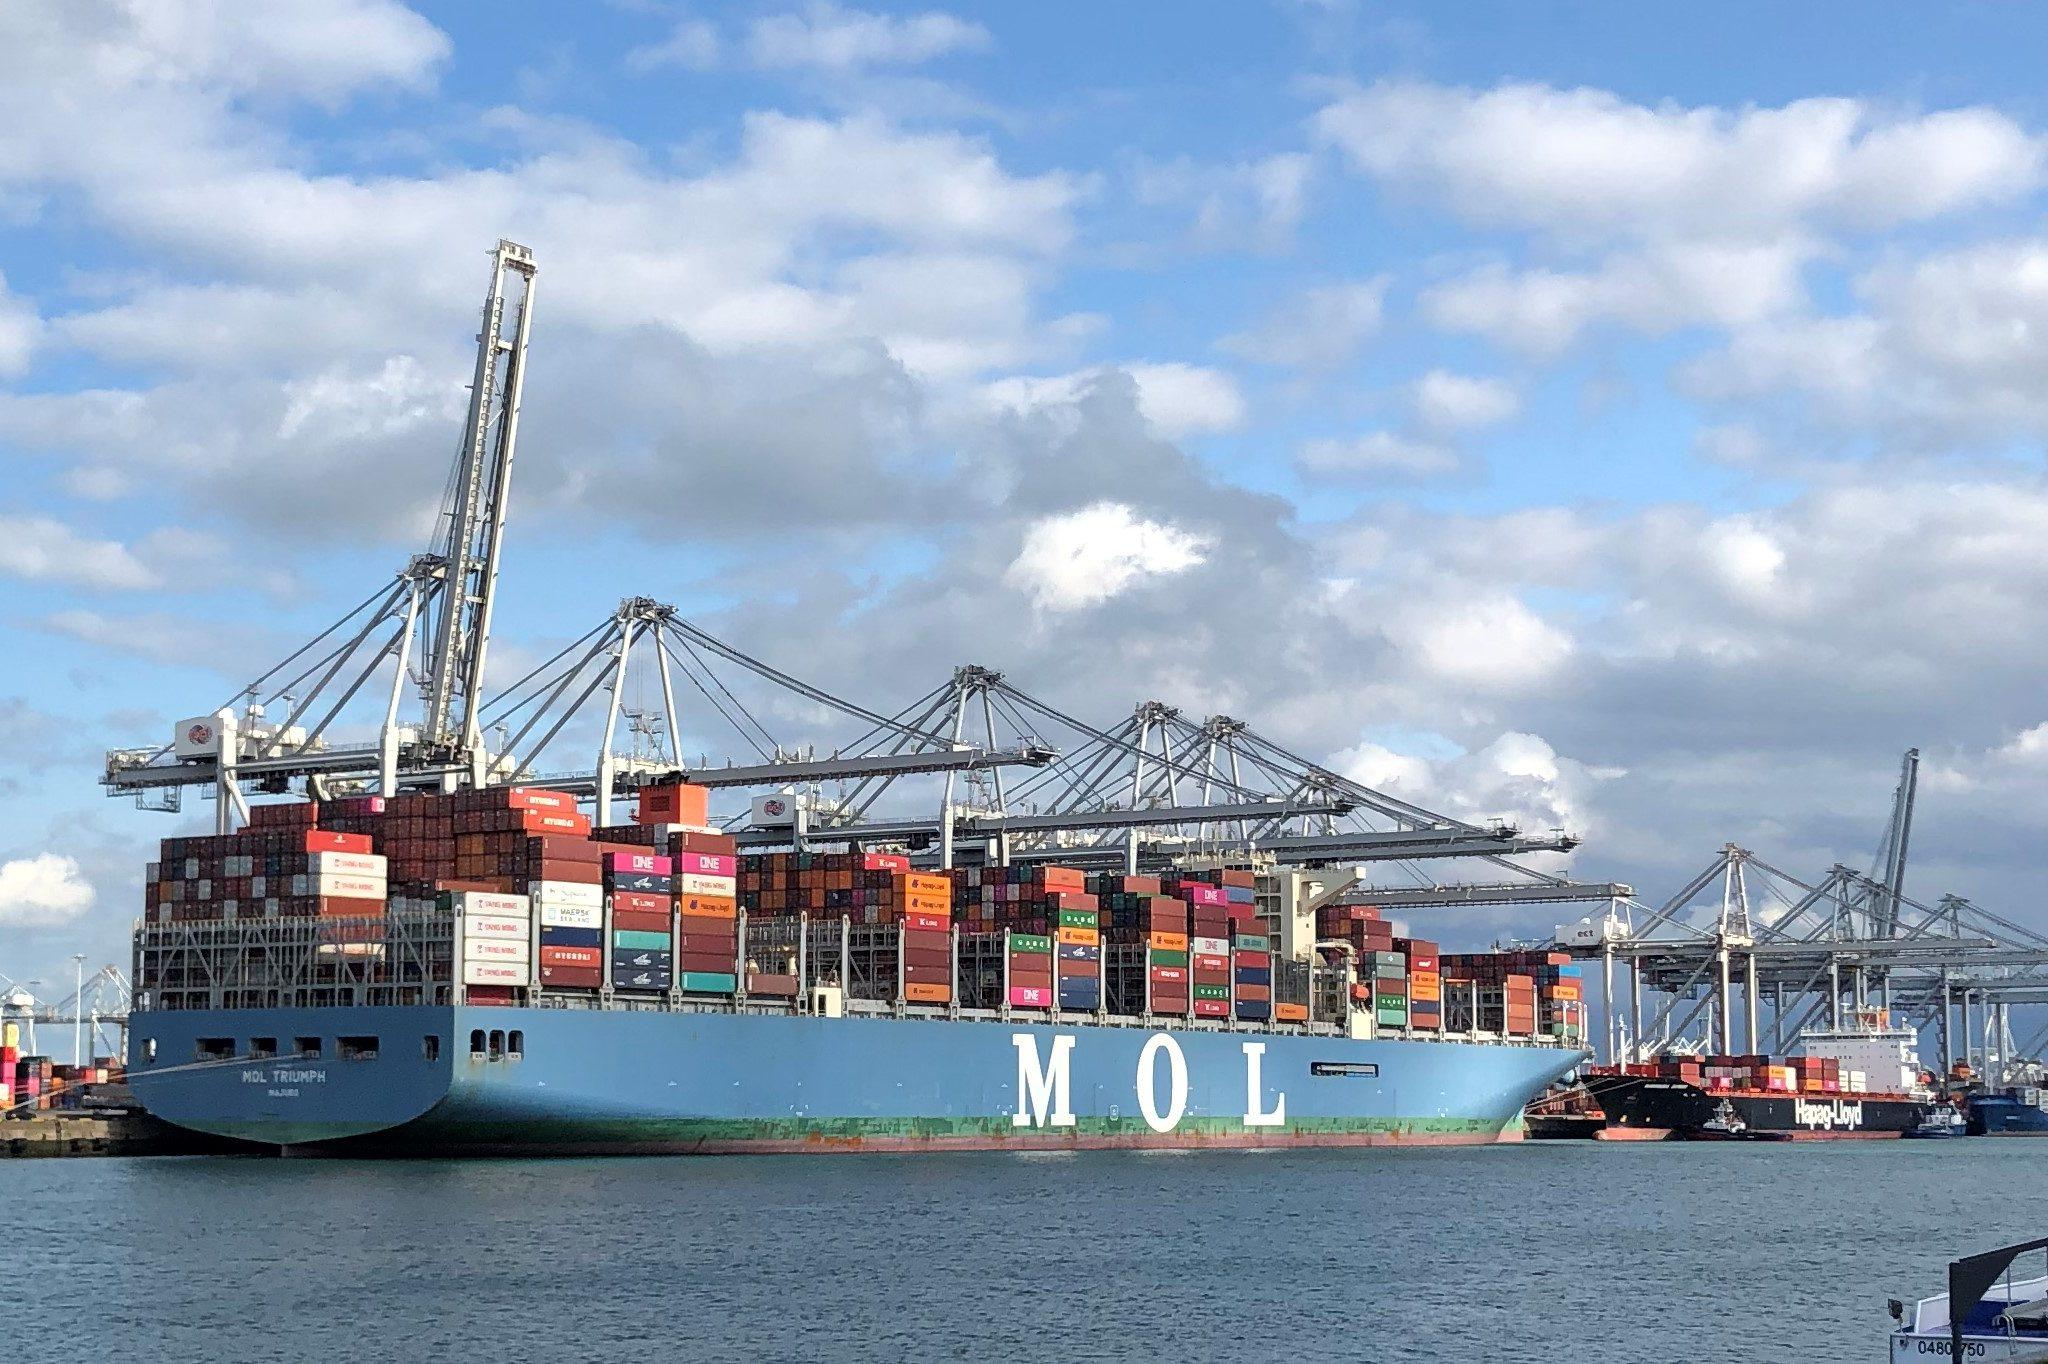 De enorme schaalvergroting van de laatste jaren maakt ook dat het bij elke vertraging meteen om enorme aantallen containers gaat. Foto Robin van den Bovenkamp